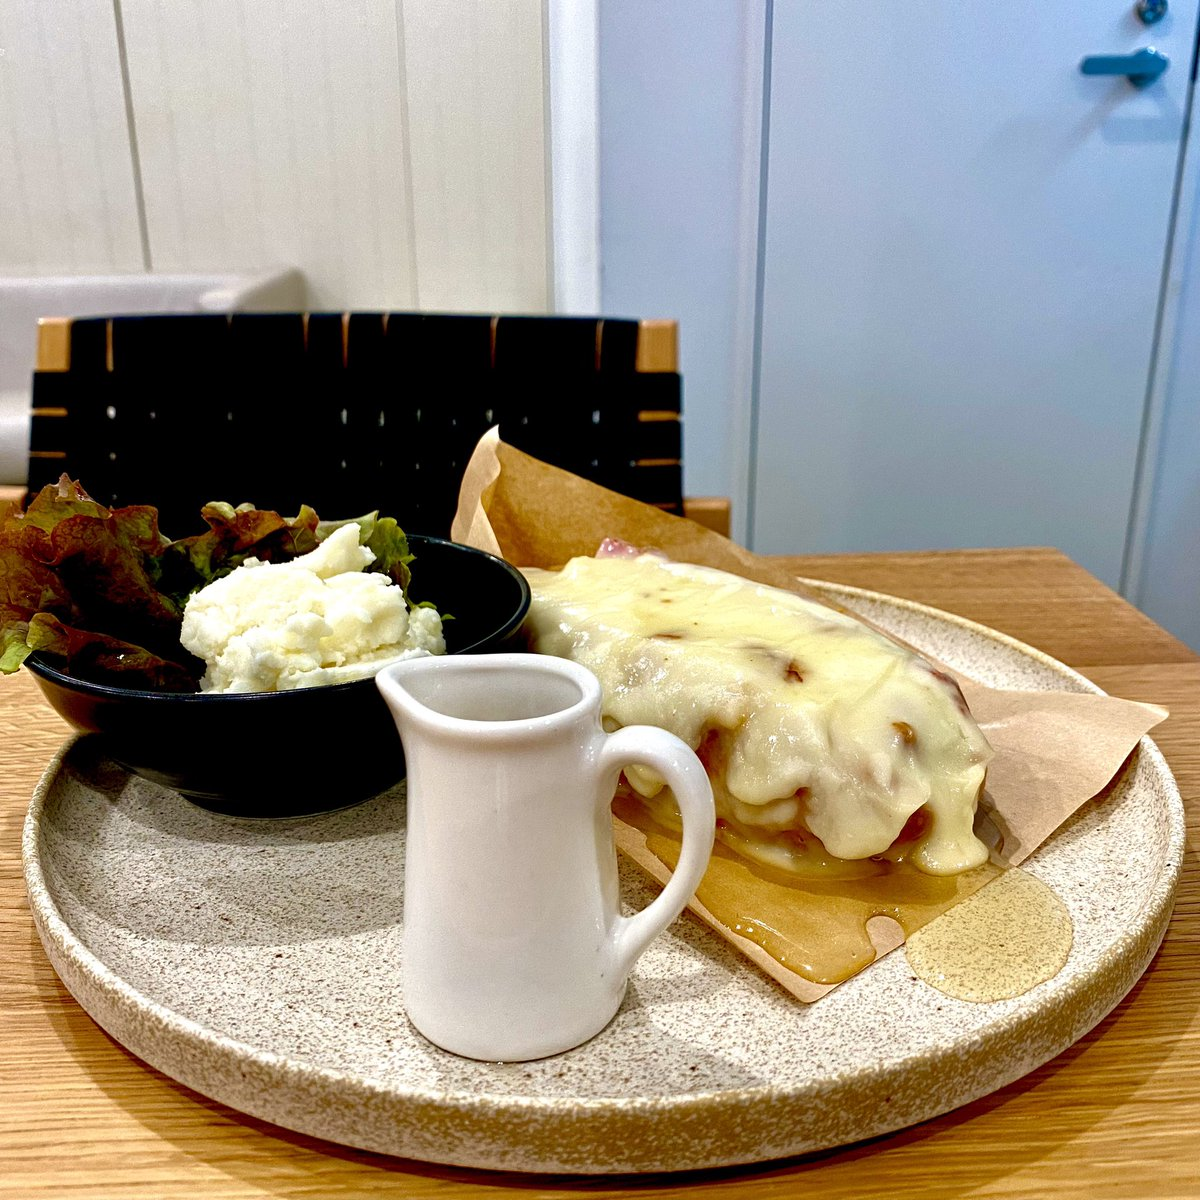 増田俊樹の9月18日のツイッター画像